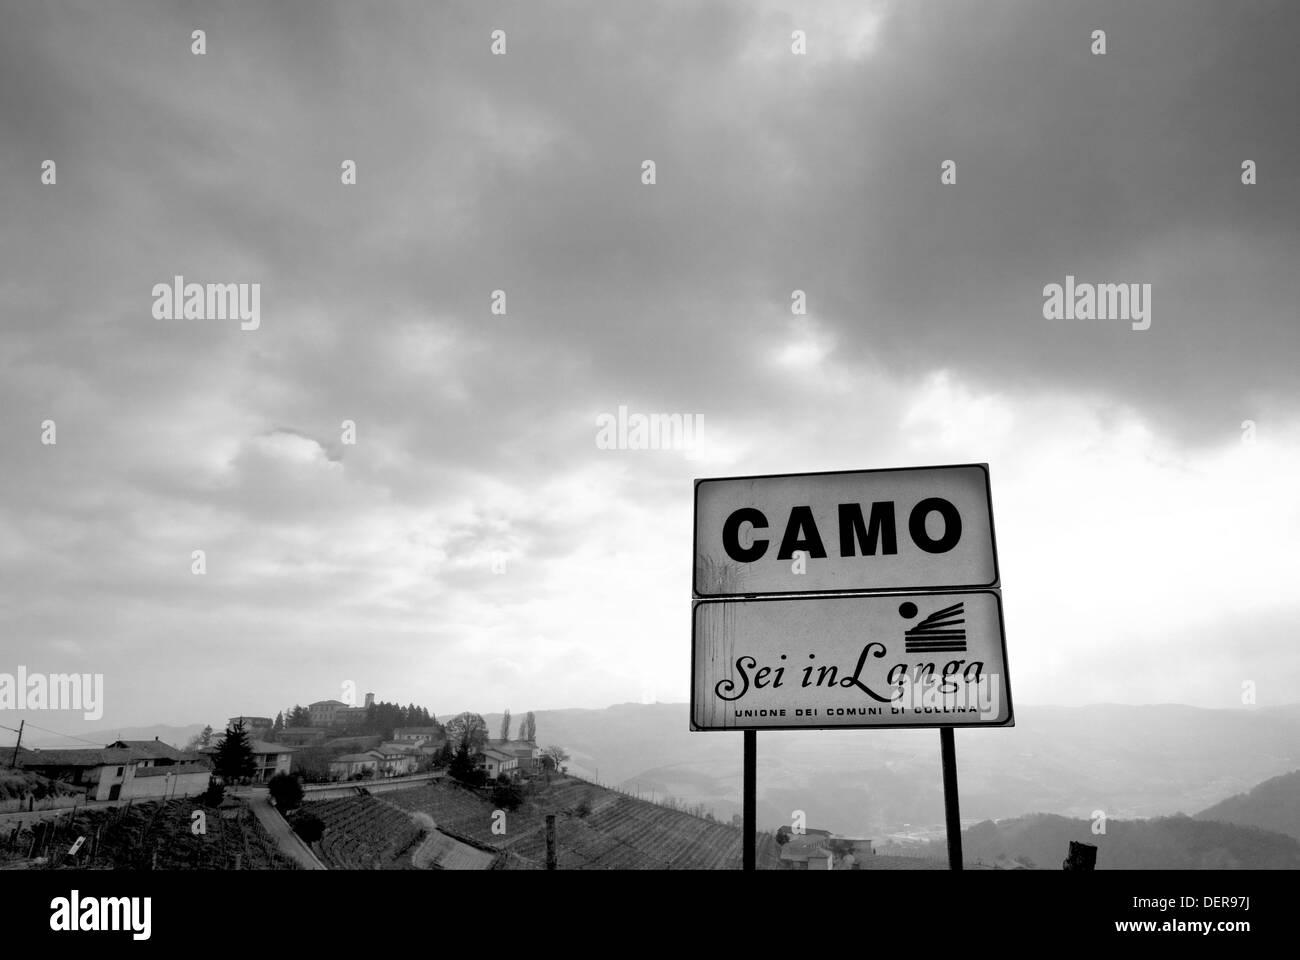 Camo, Montferrat, Piedmont, Italy - Stock Image